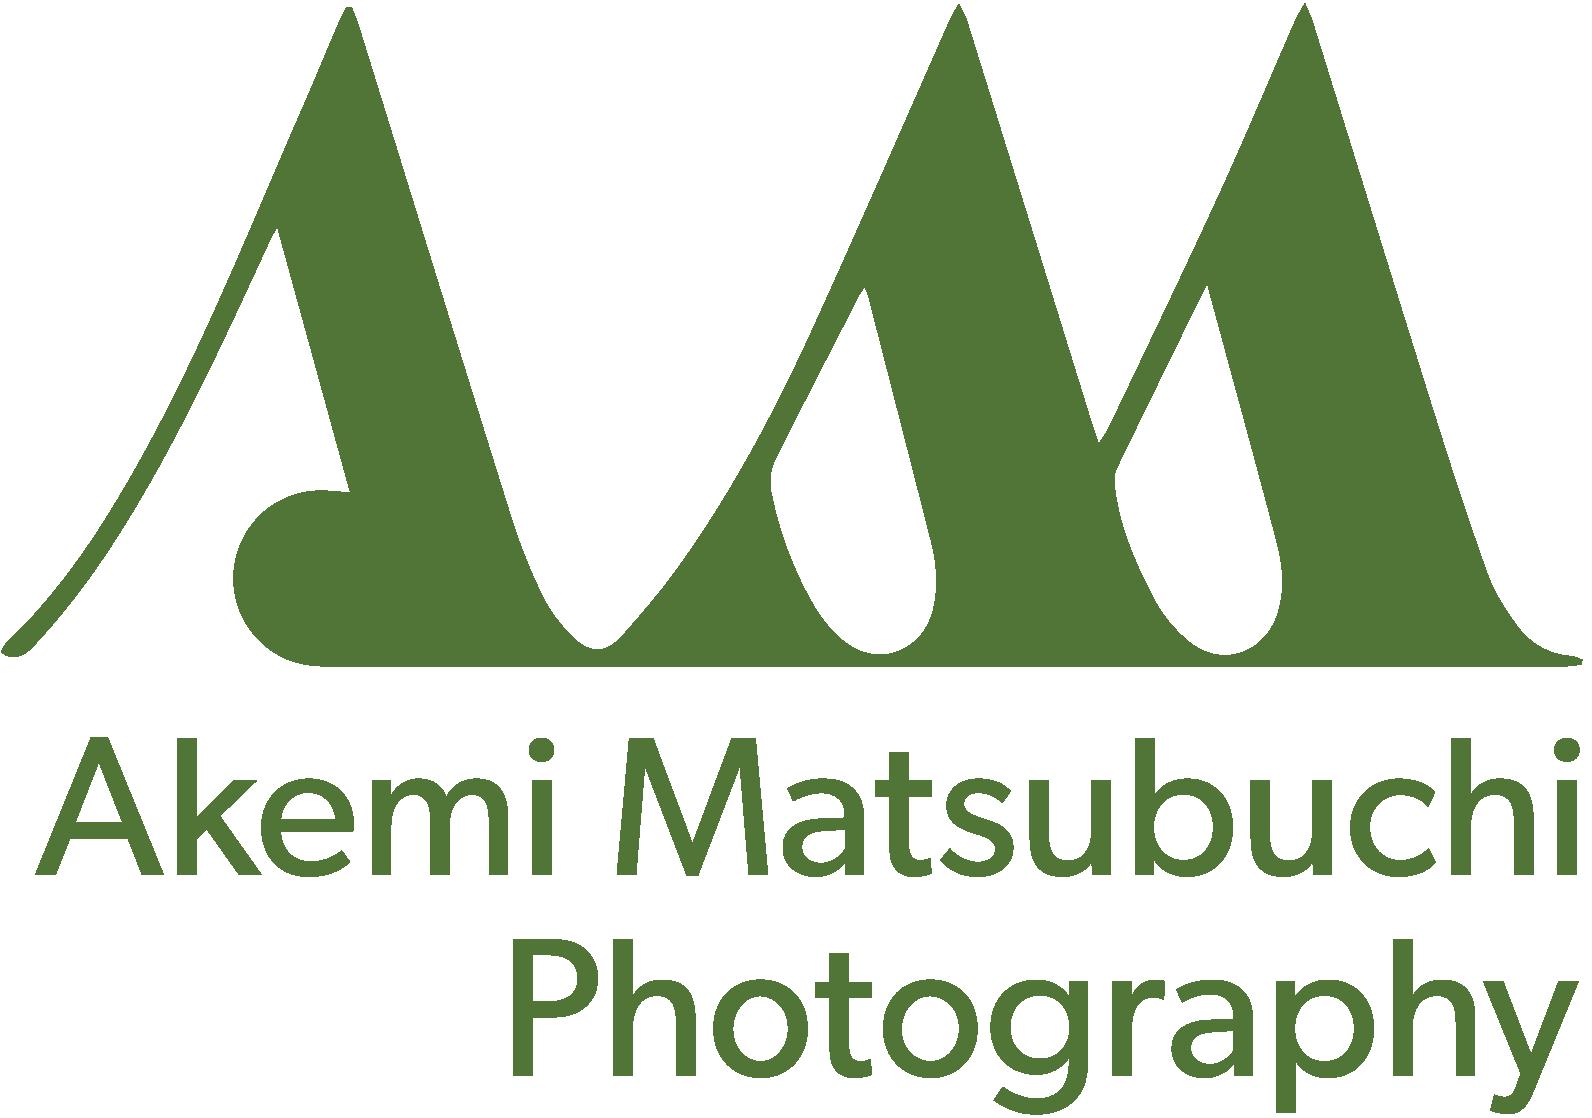 Akemi Matsubuchi